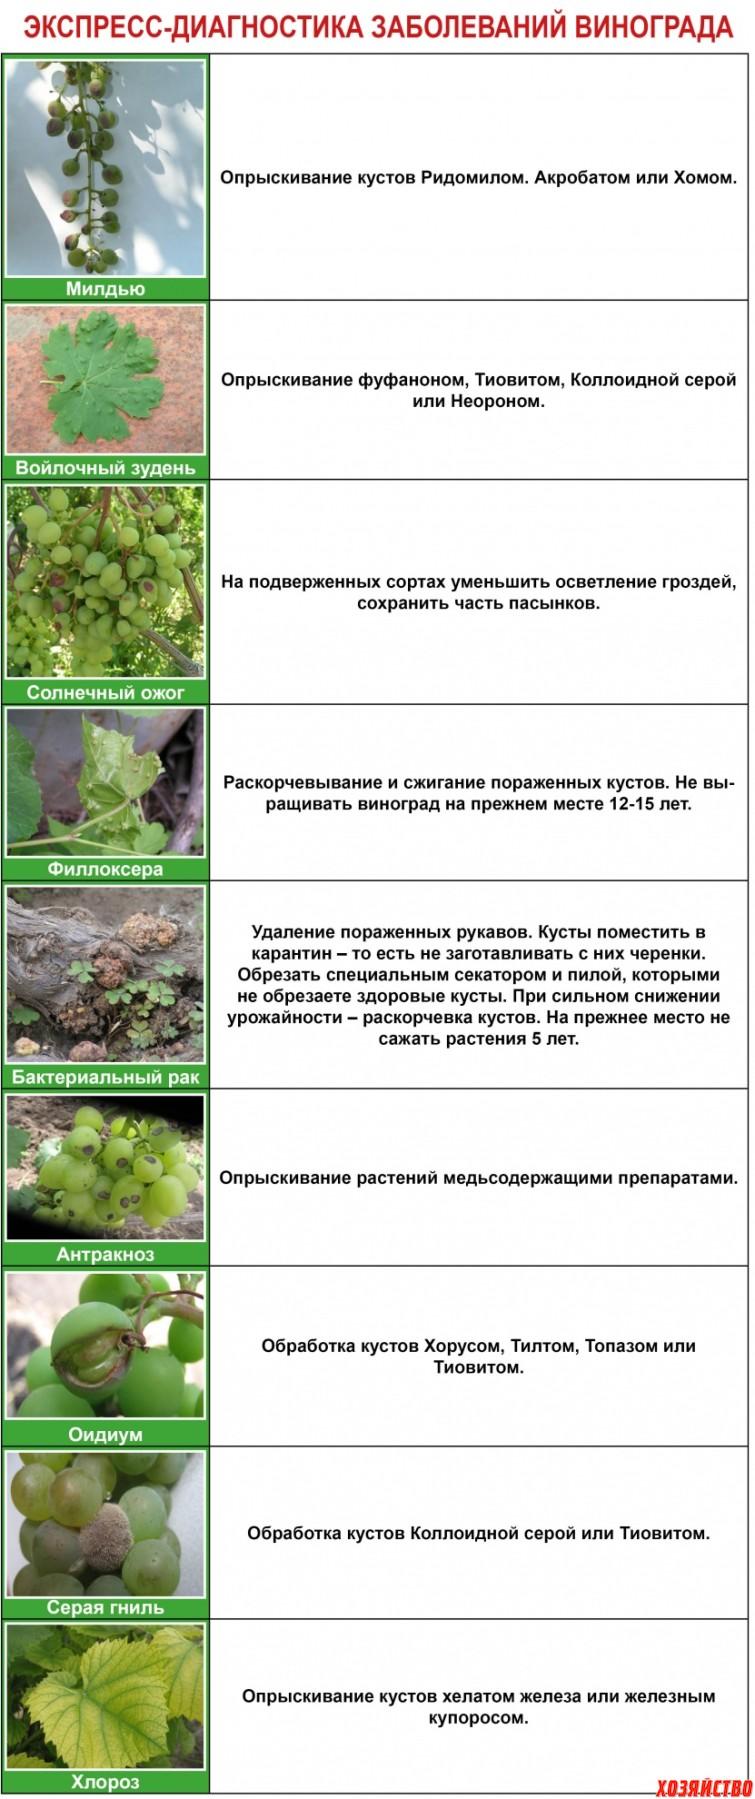 Экспресс диагностика заболеваний винограда.jpg